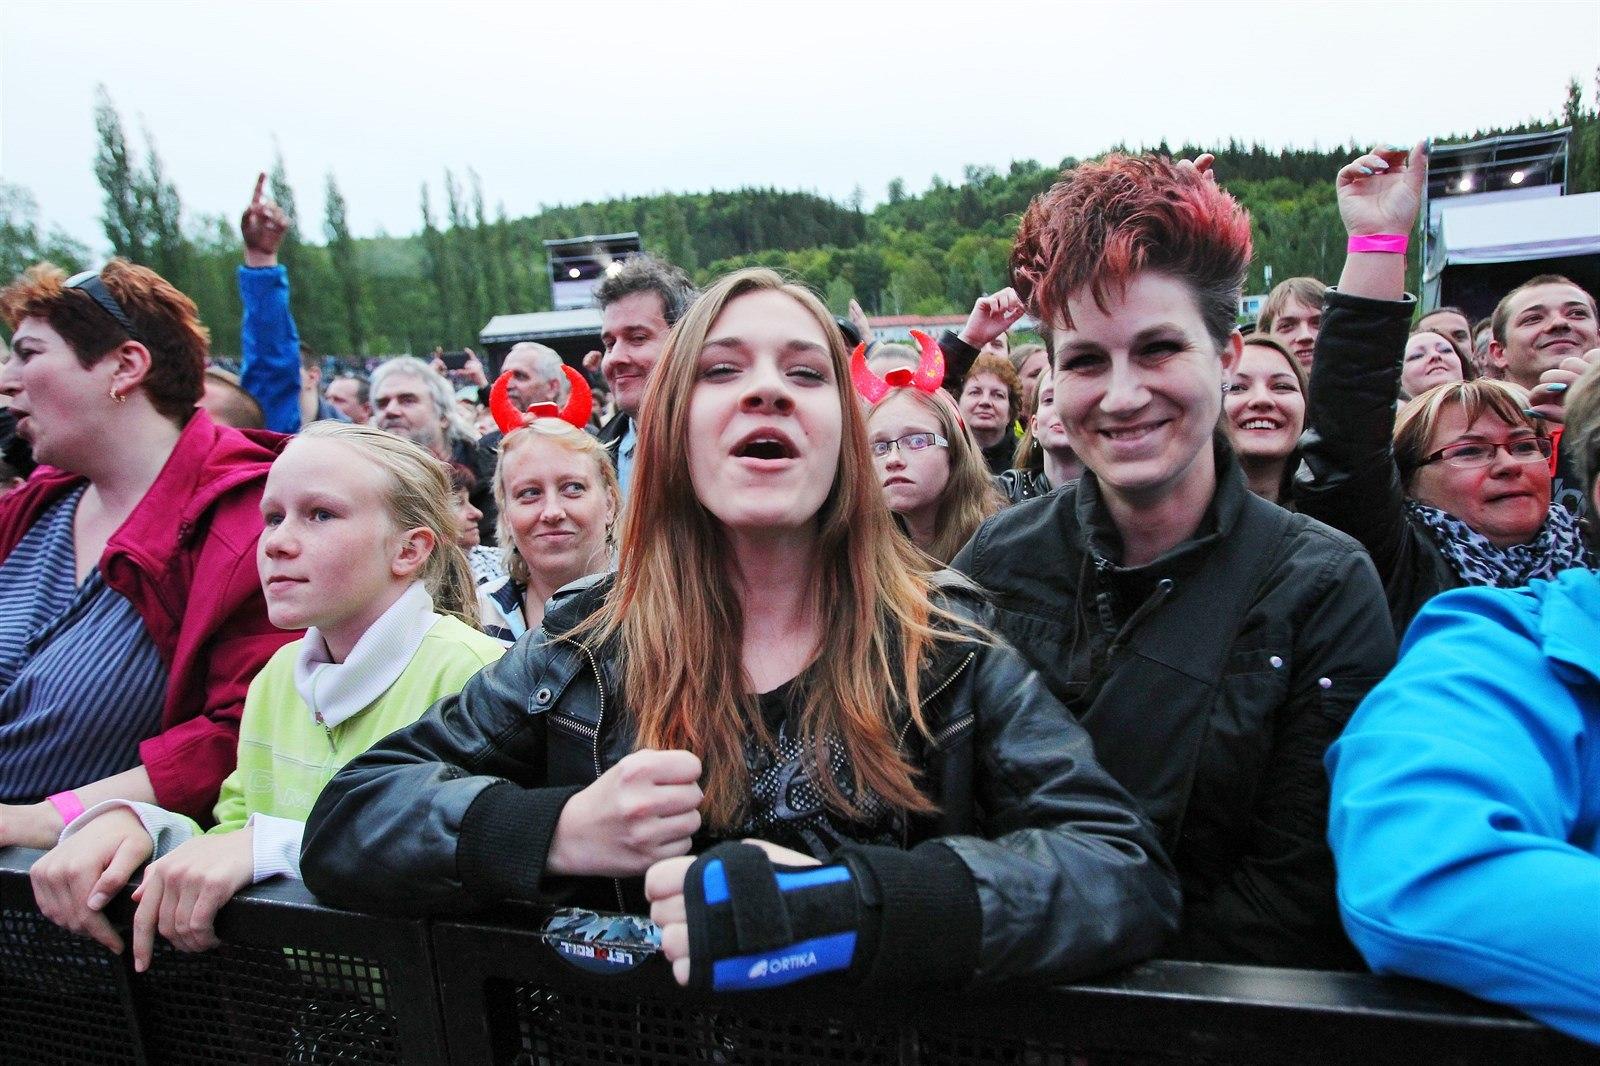 5e915b3e0e31 Fanoušci skupiny Kabát pod pódiem. Na její karlovarský zahajovací koncert open  air turné 2015 se